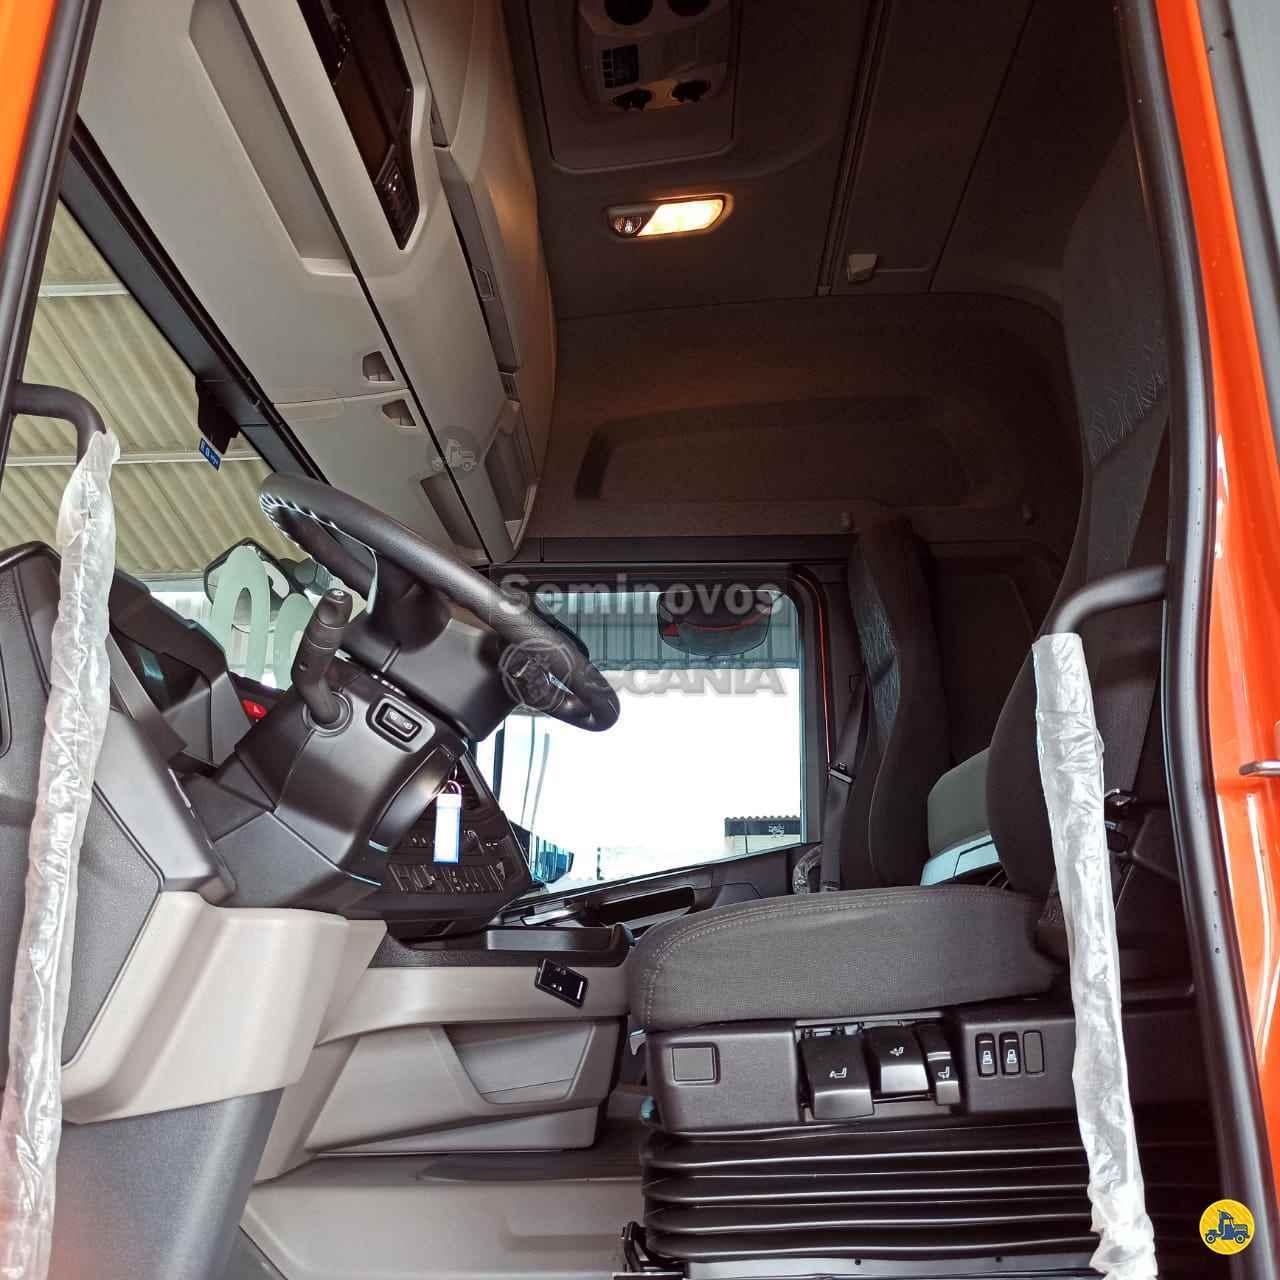 SCANIA SCANIA 450 62000km 2020/2020 Scania Seminovos